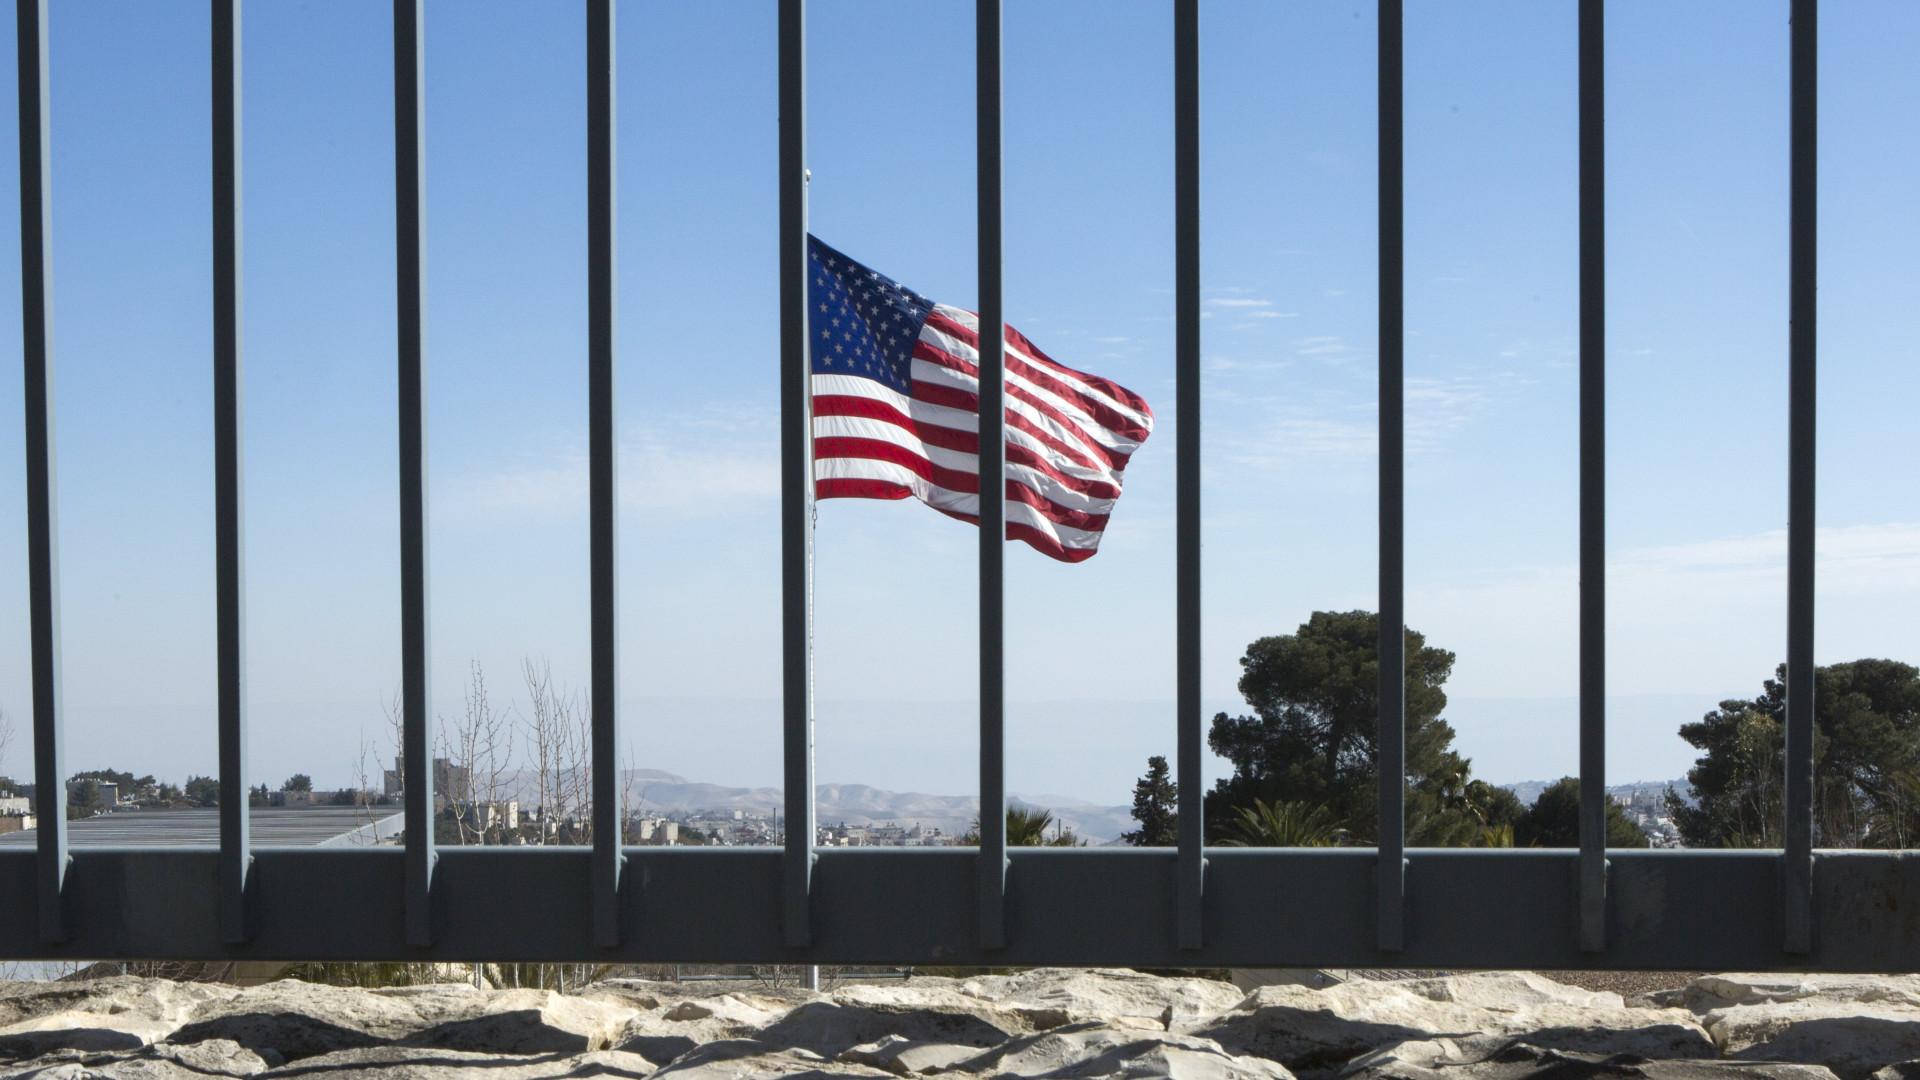 Embaixada dos EUA em Israel será transferida para Jerusalém